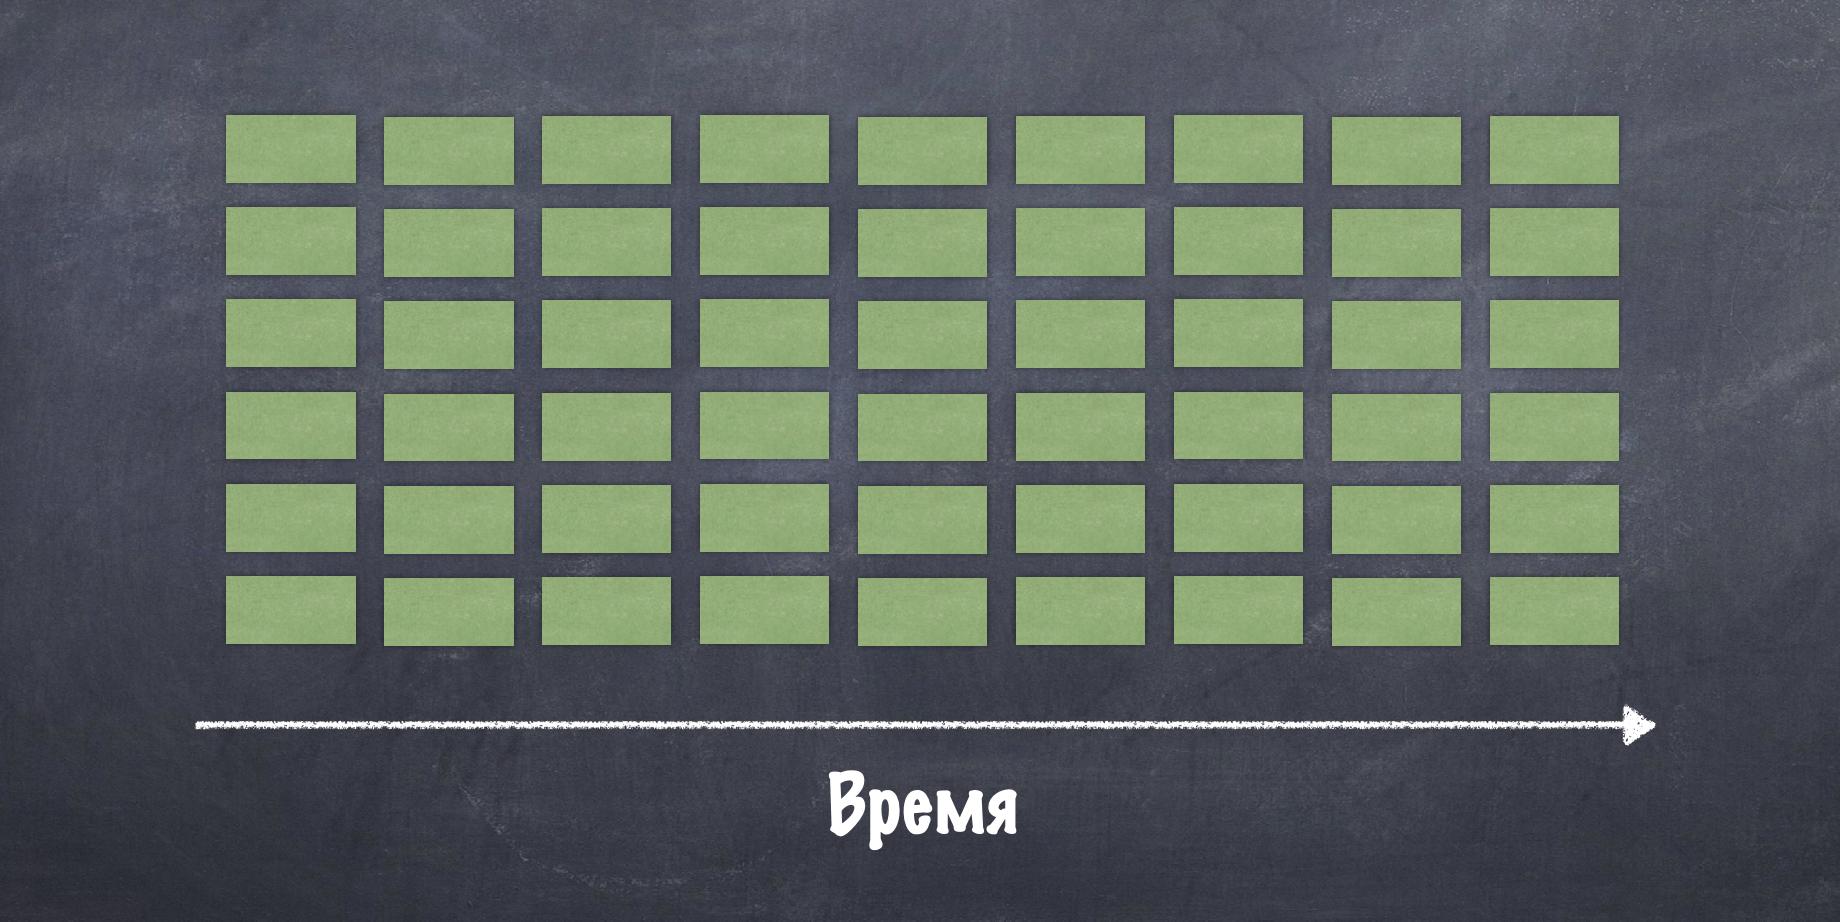 Хорошо загруженный реактор (задачи равномерно распределены). 54 блокирующих задачи (каждая по 1сек), round-robin распределение по 6 рельсам